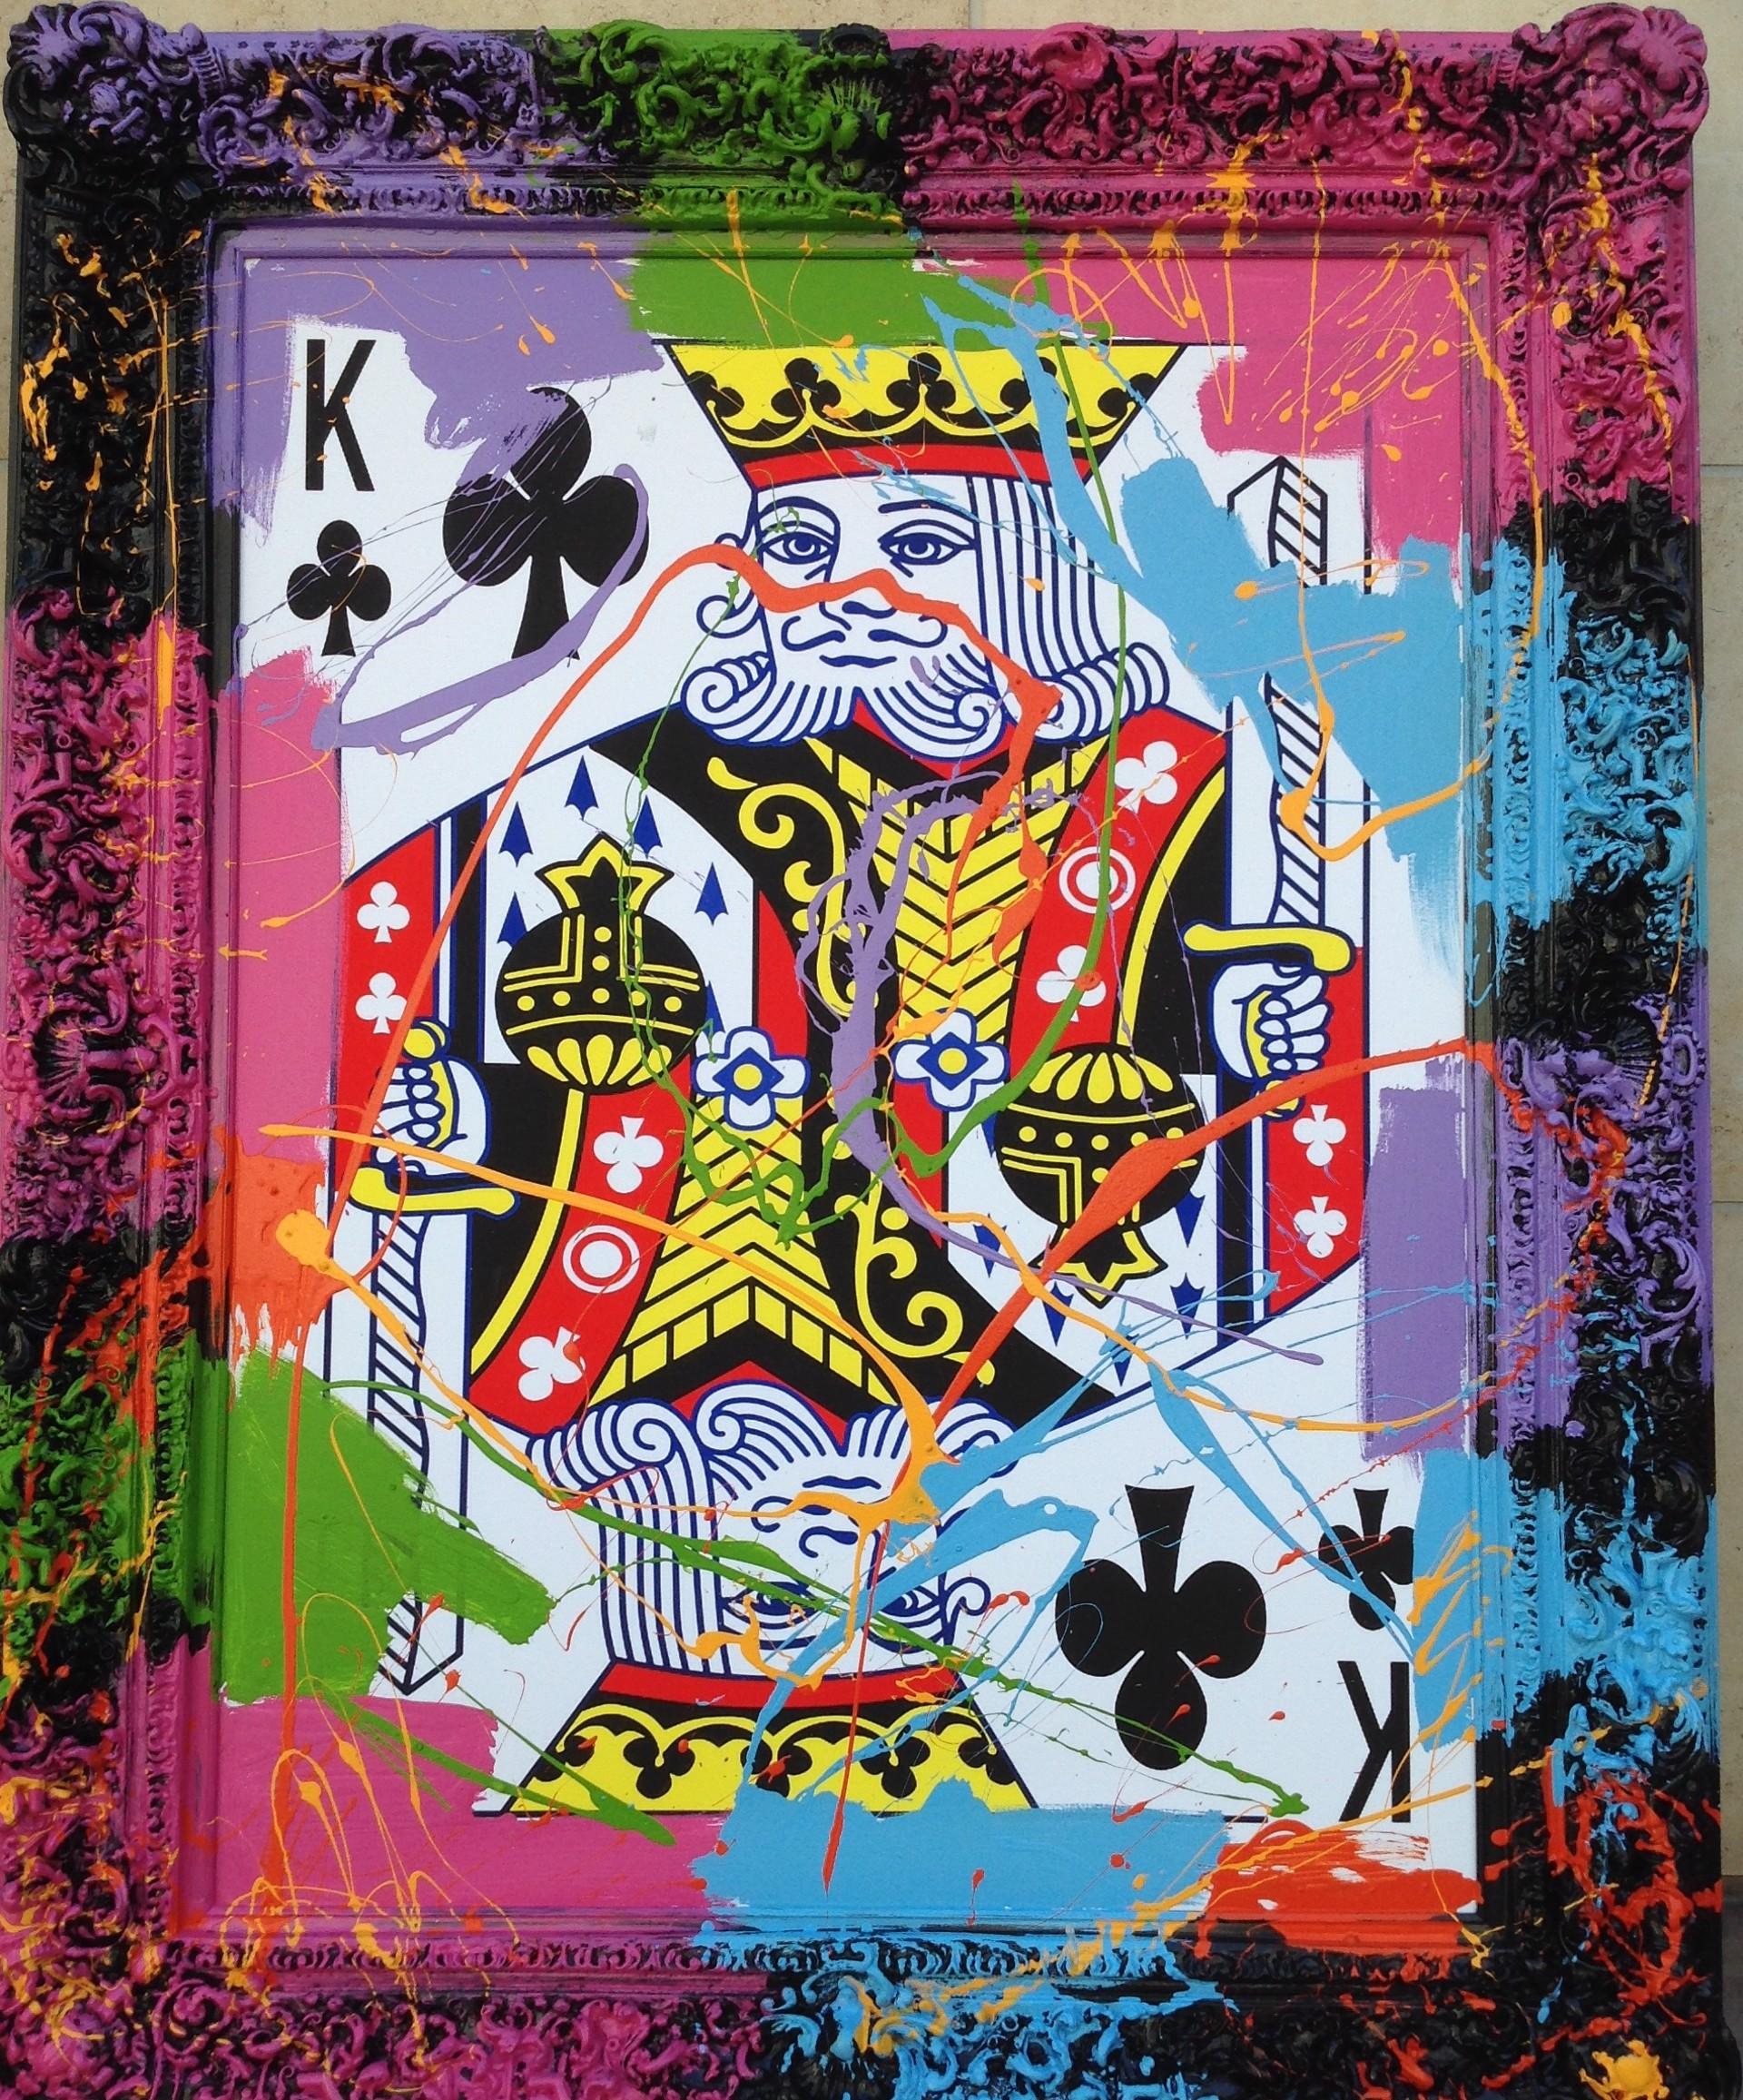 King of Clubs by Elena Bulatova